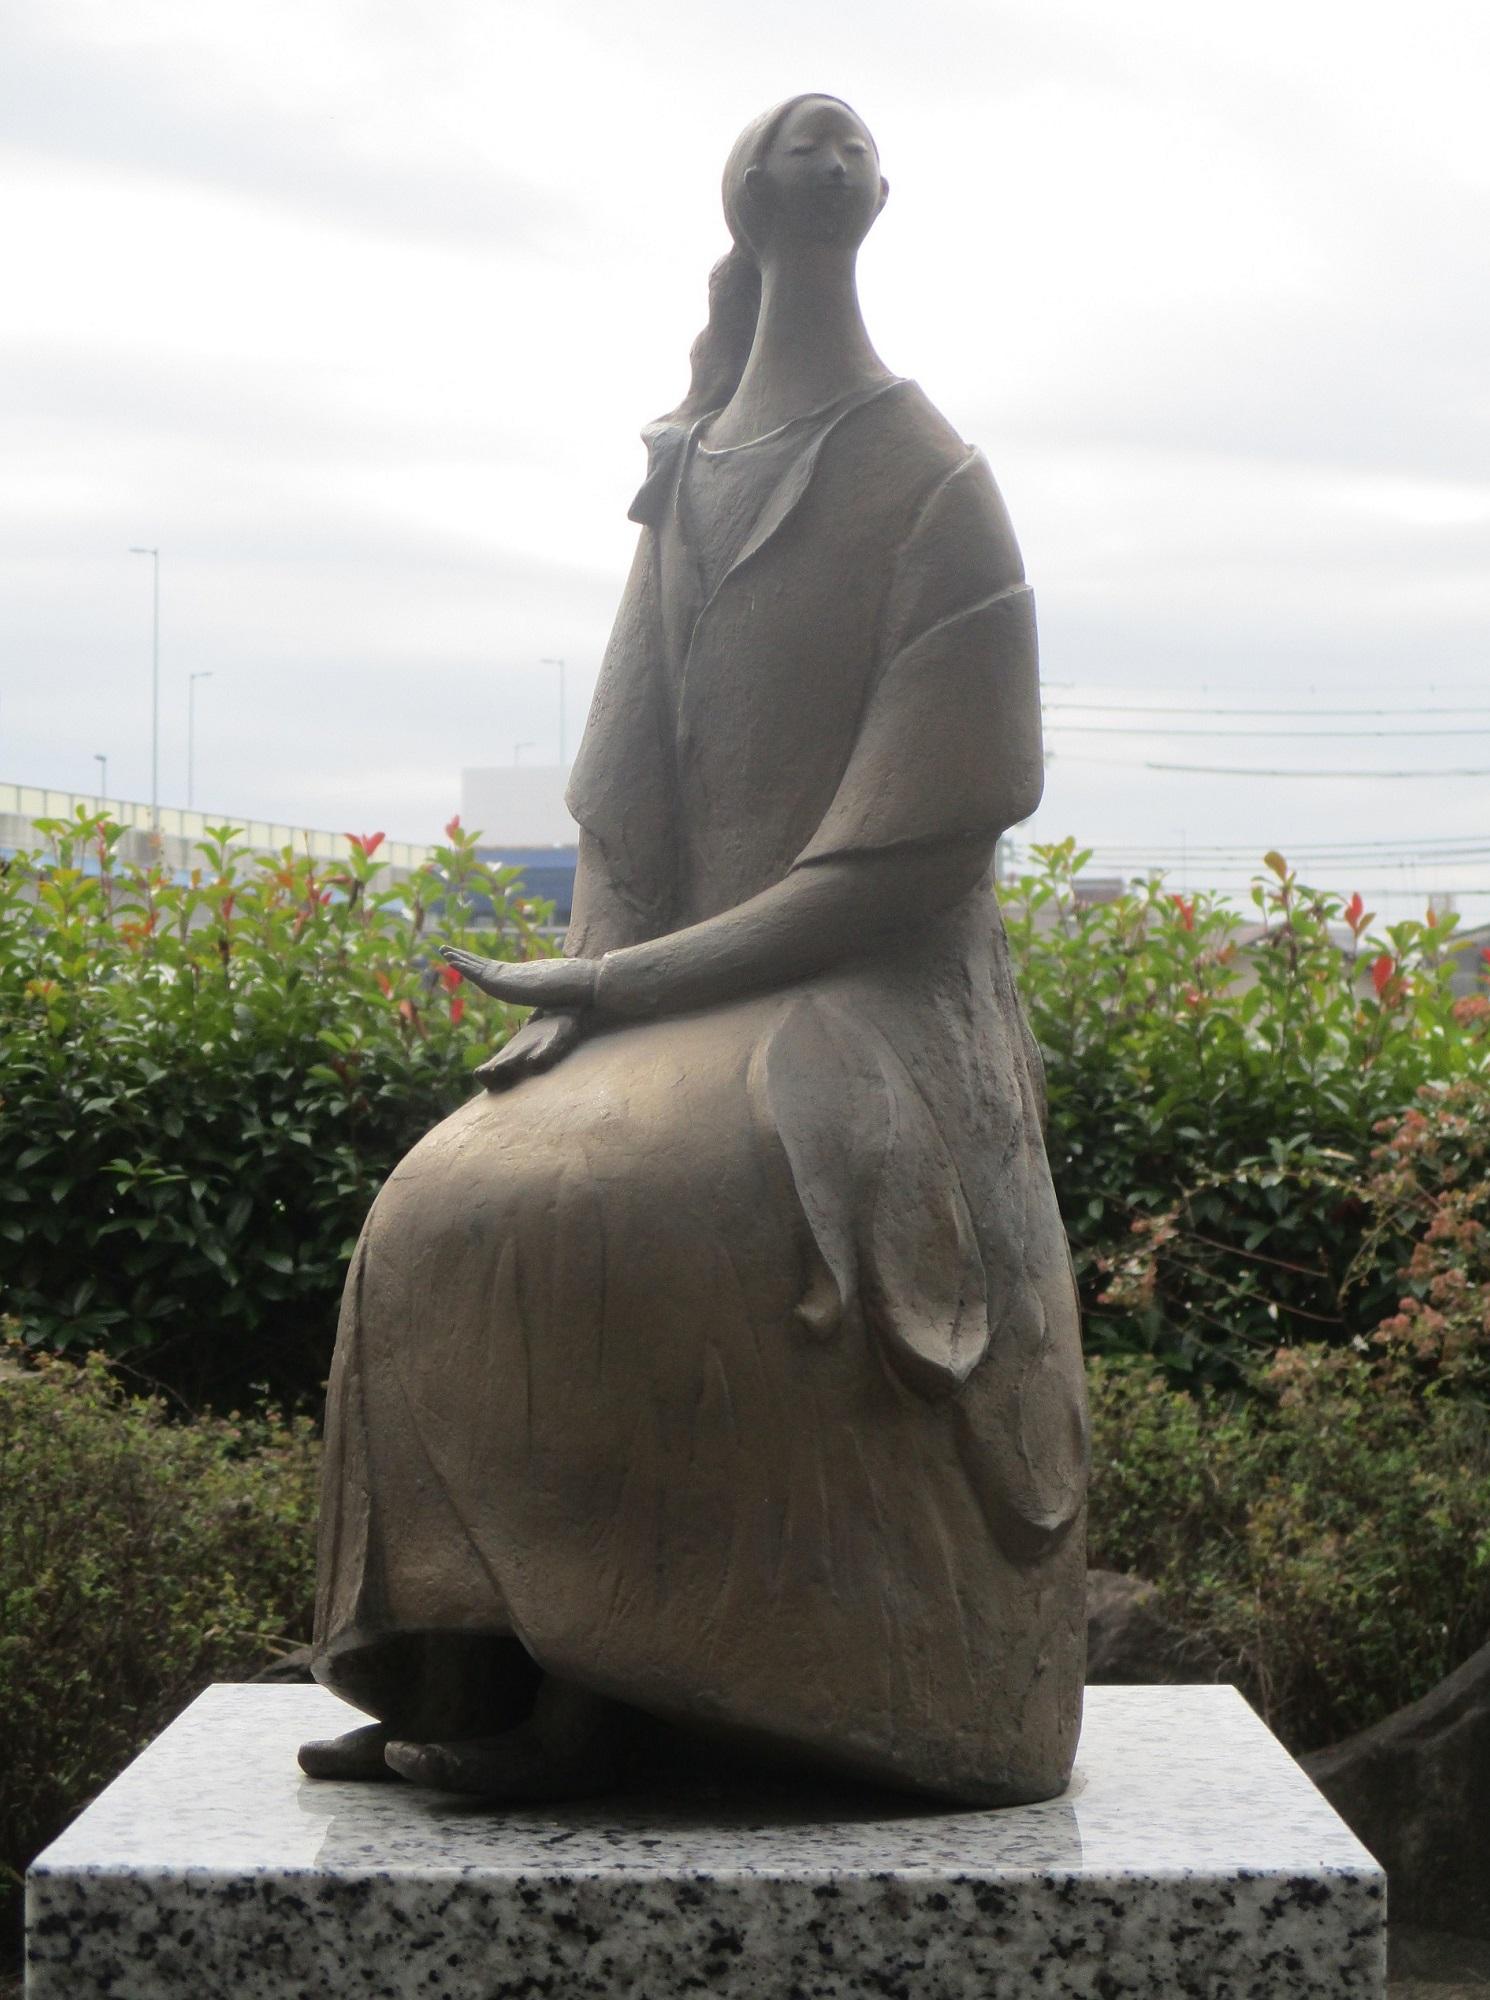 2019.11.13 (21) 東海道 - かきつばたひめの銅像 1490-2000